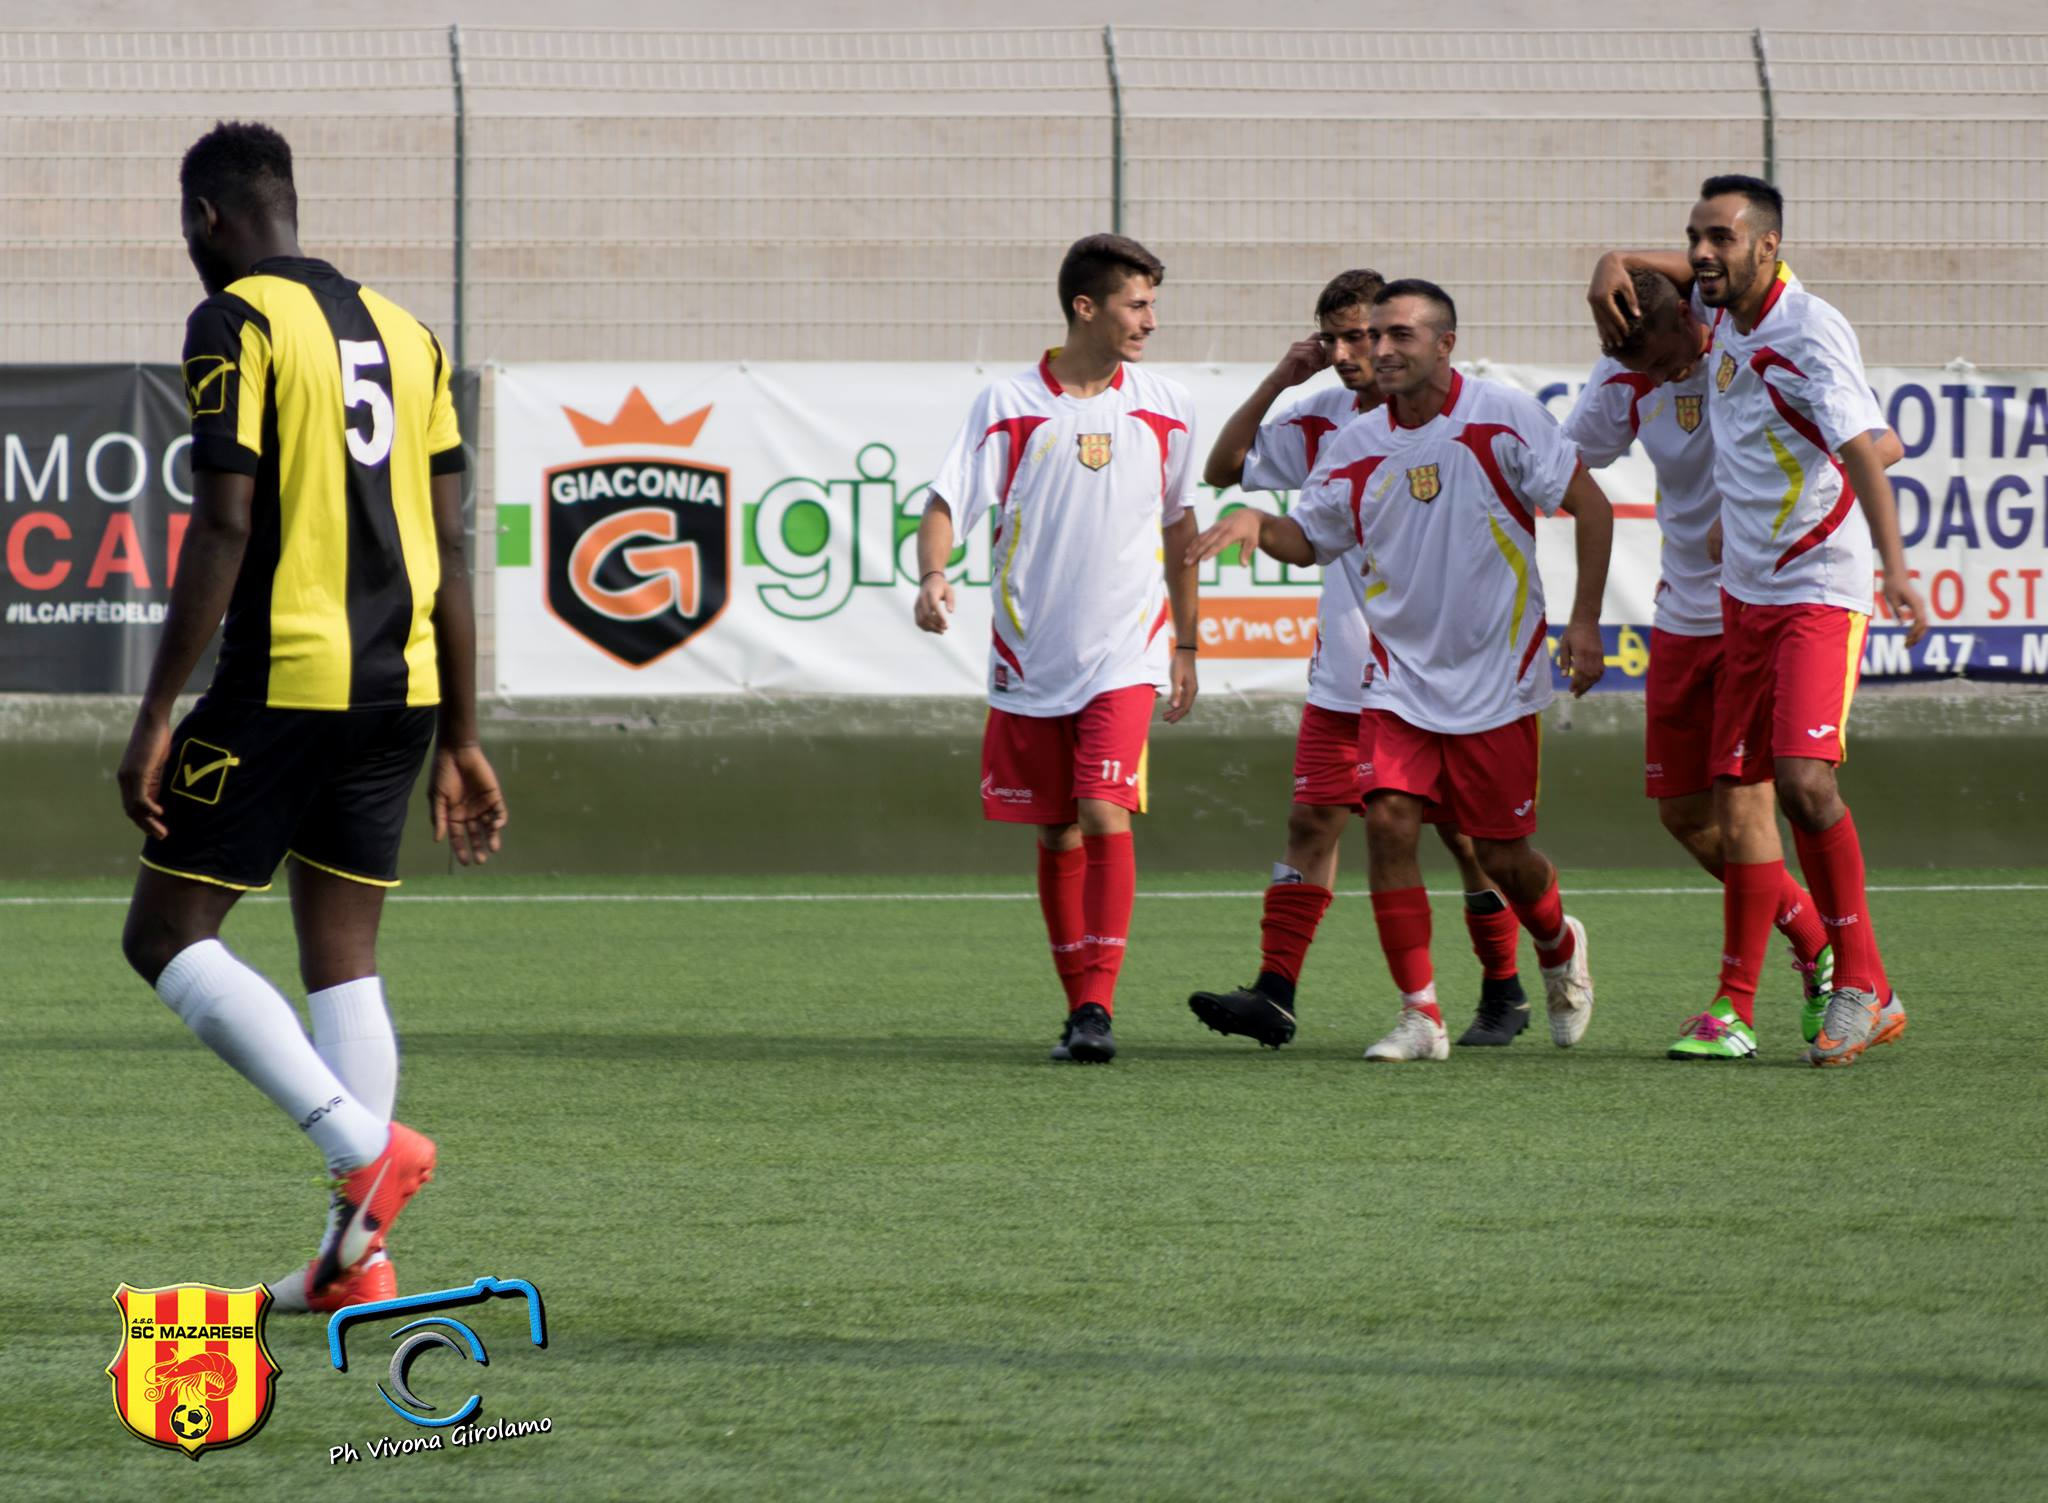 Calcio 1° Categoria: Mazarese - Real Menfi 4-1